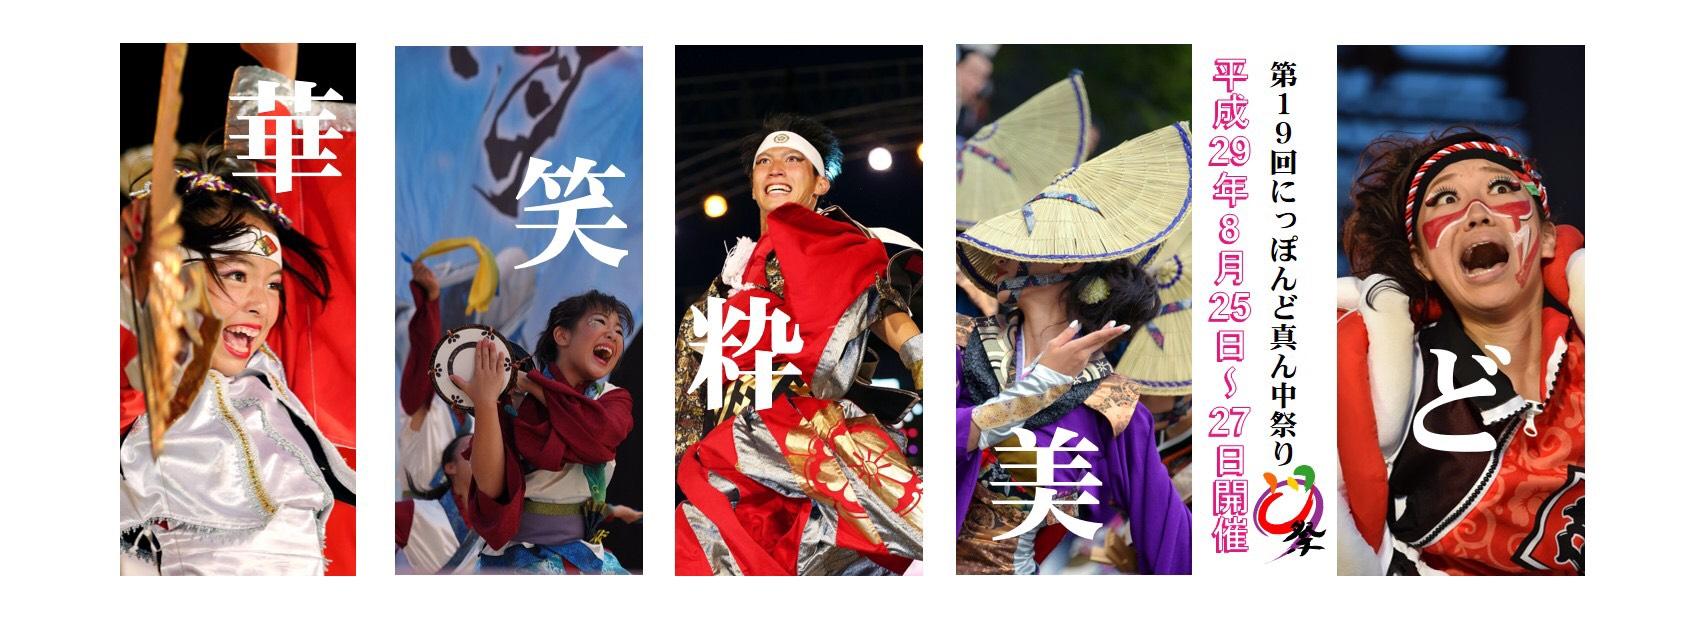 日本最大級!踊りの祭典「にっぽんど真ん中祭り」が、8月25日から3日間開催! - 17015989 1254646917952496 8999851445708400731 o